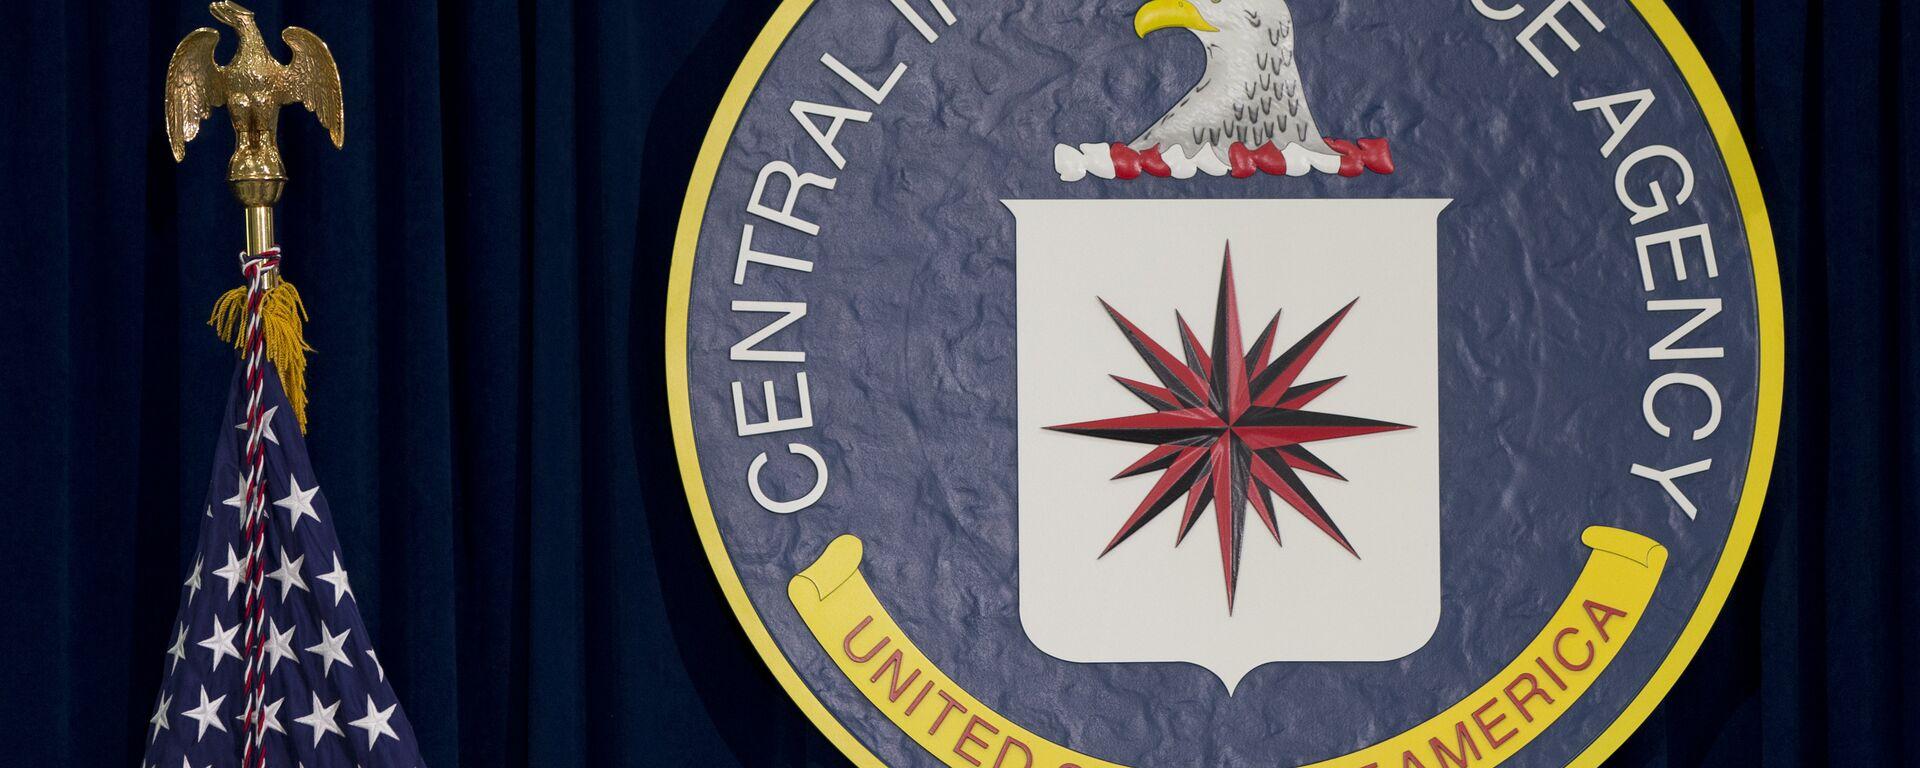 Лого Централне обавештајне агенције (ЦИА) и америчка застава - Sputnik Србија, 1920, 29.09.2021